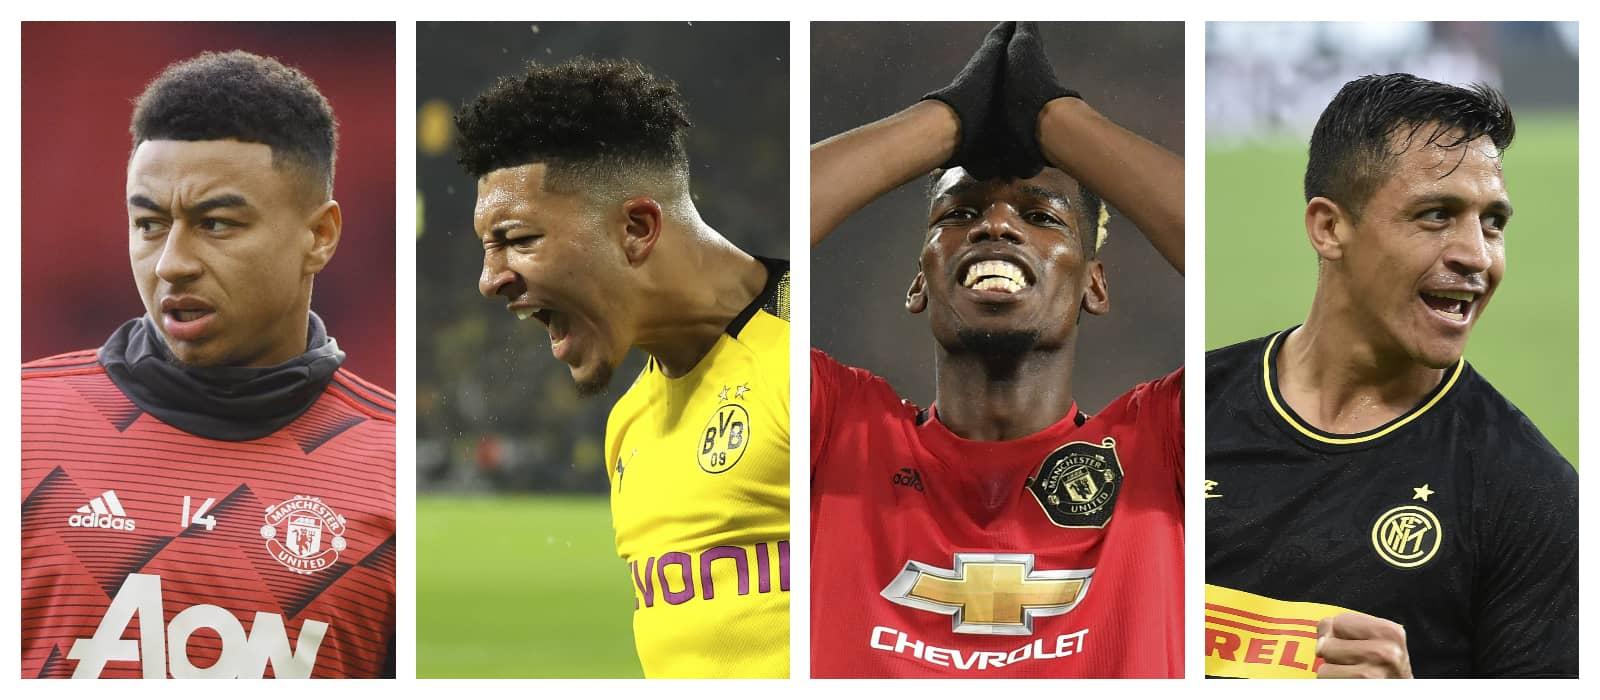 Jadon Sancho in, Jesse Lingard out? Man United's exhausting week reviewed